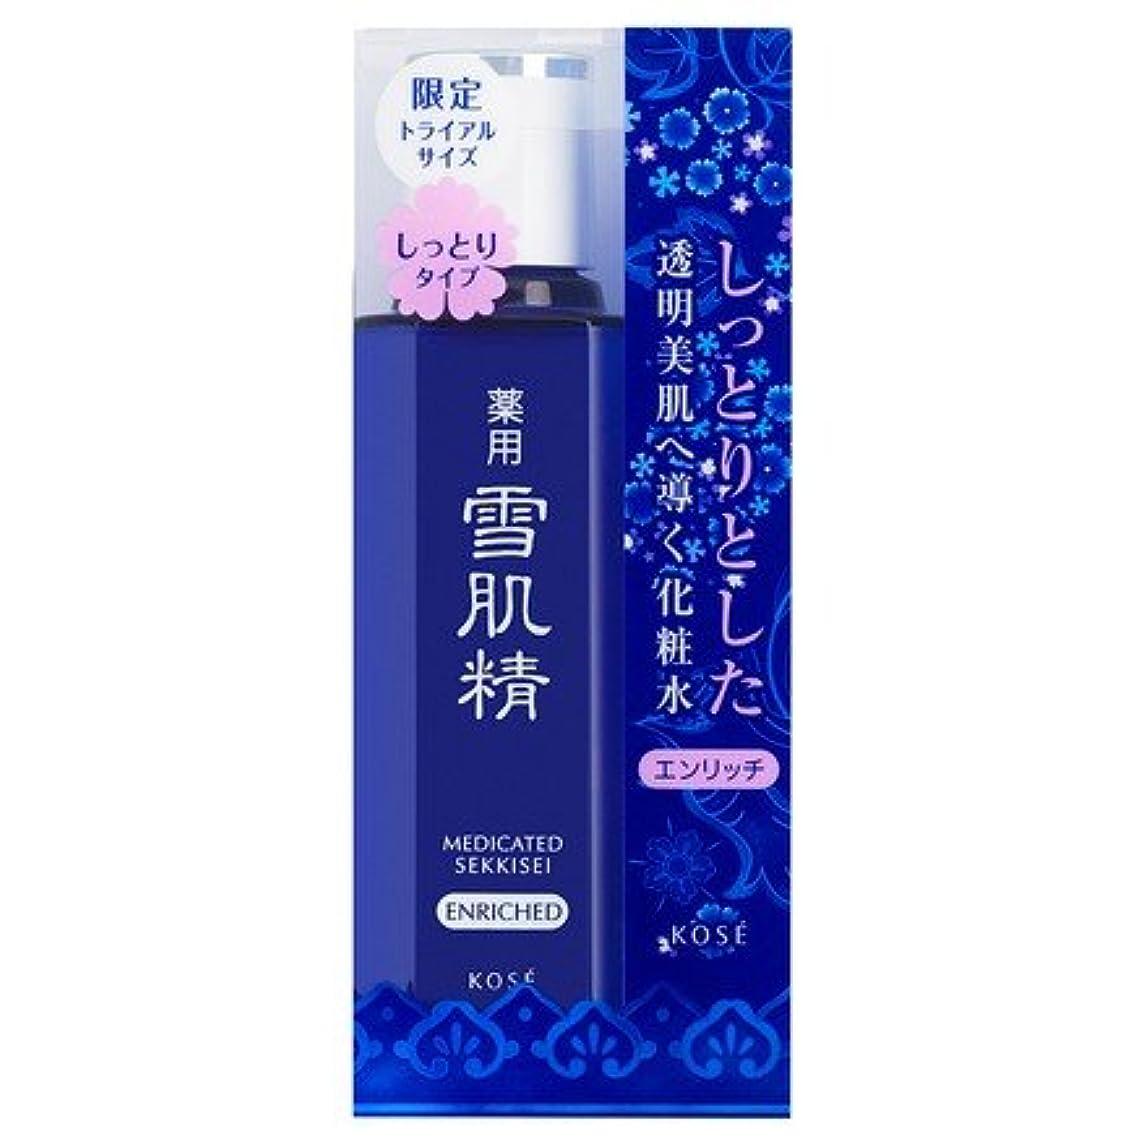 印象的のりリマコーセー 薬用 雪肌精 エンリッチ  限定トライアル サイズ 140ml